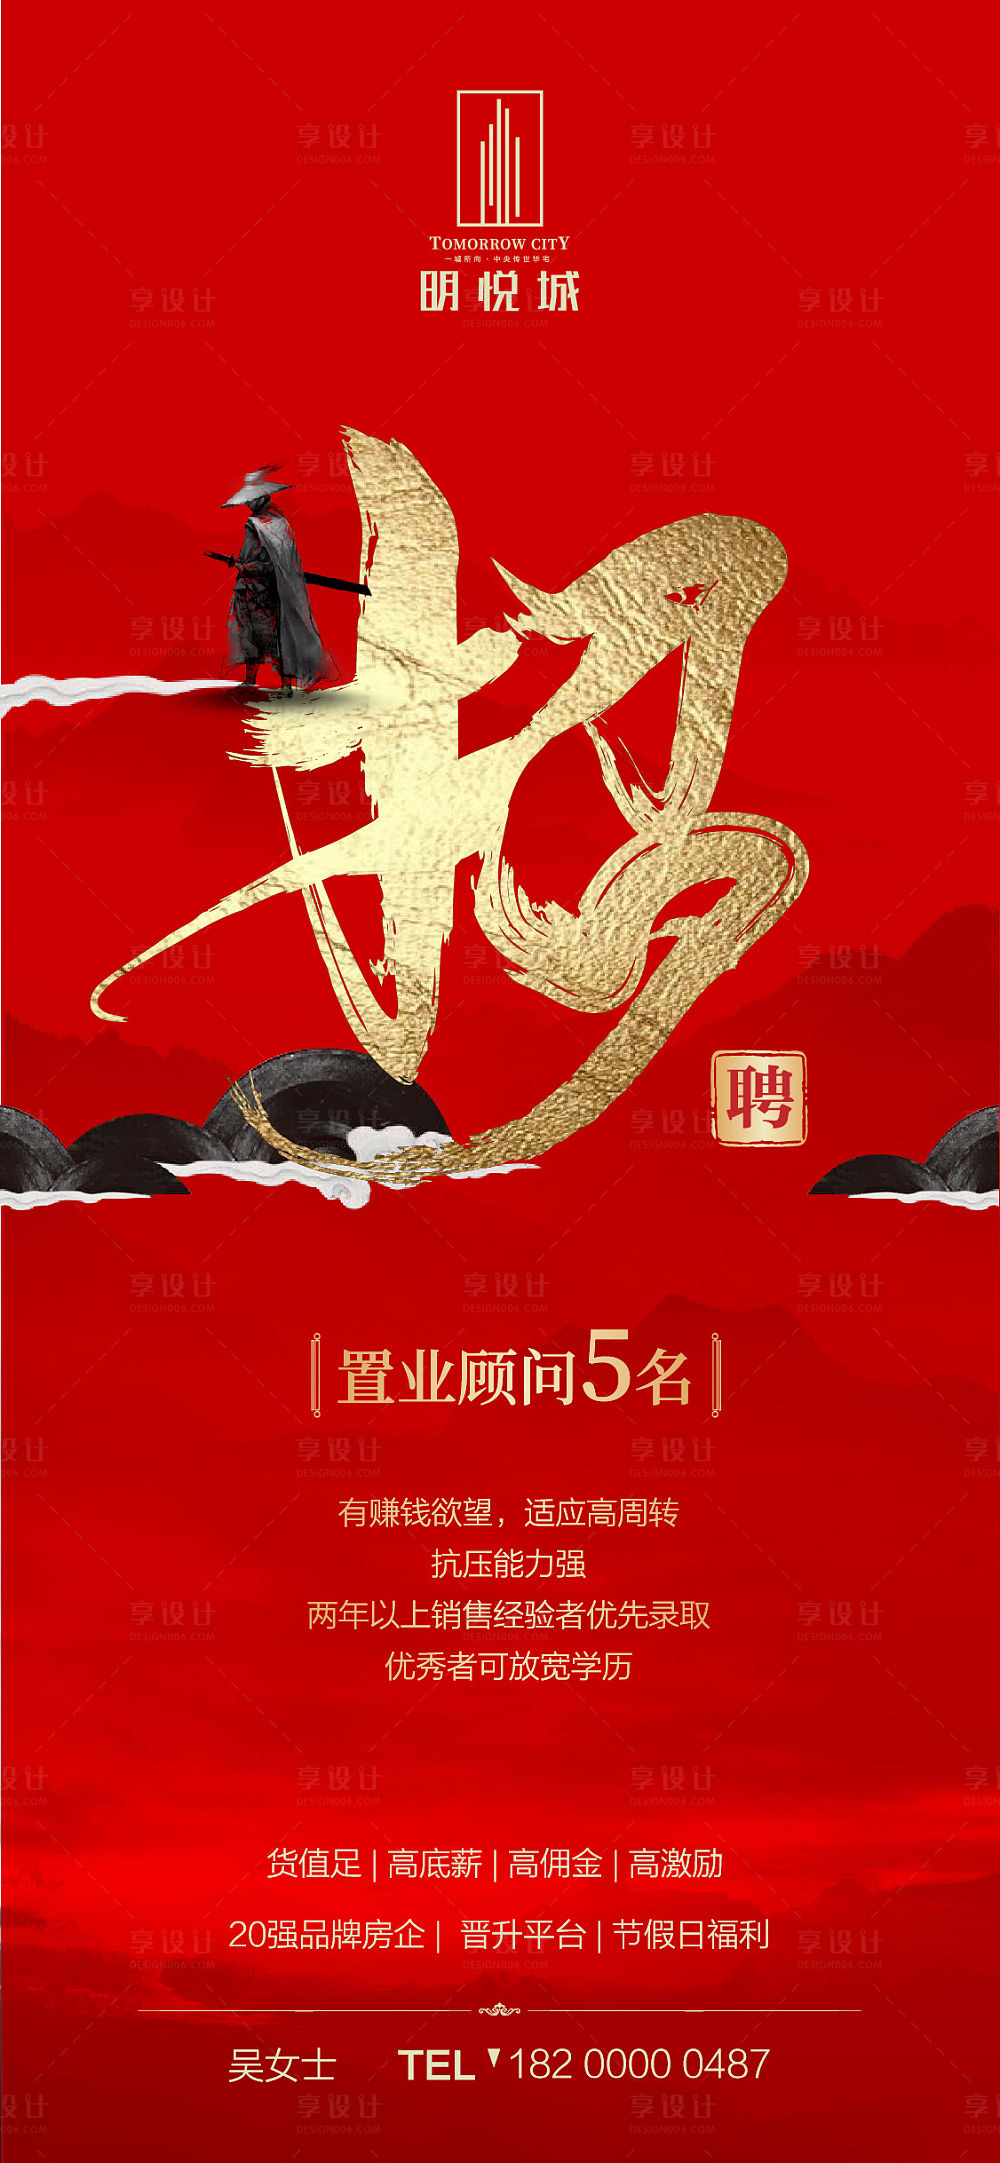 【源文件下载】 海报 房地产 招聘 红金 毛笔字 大气 英雄 招人